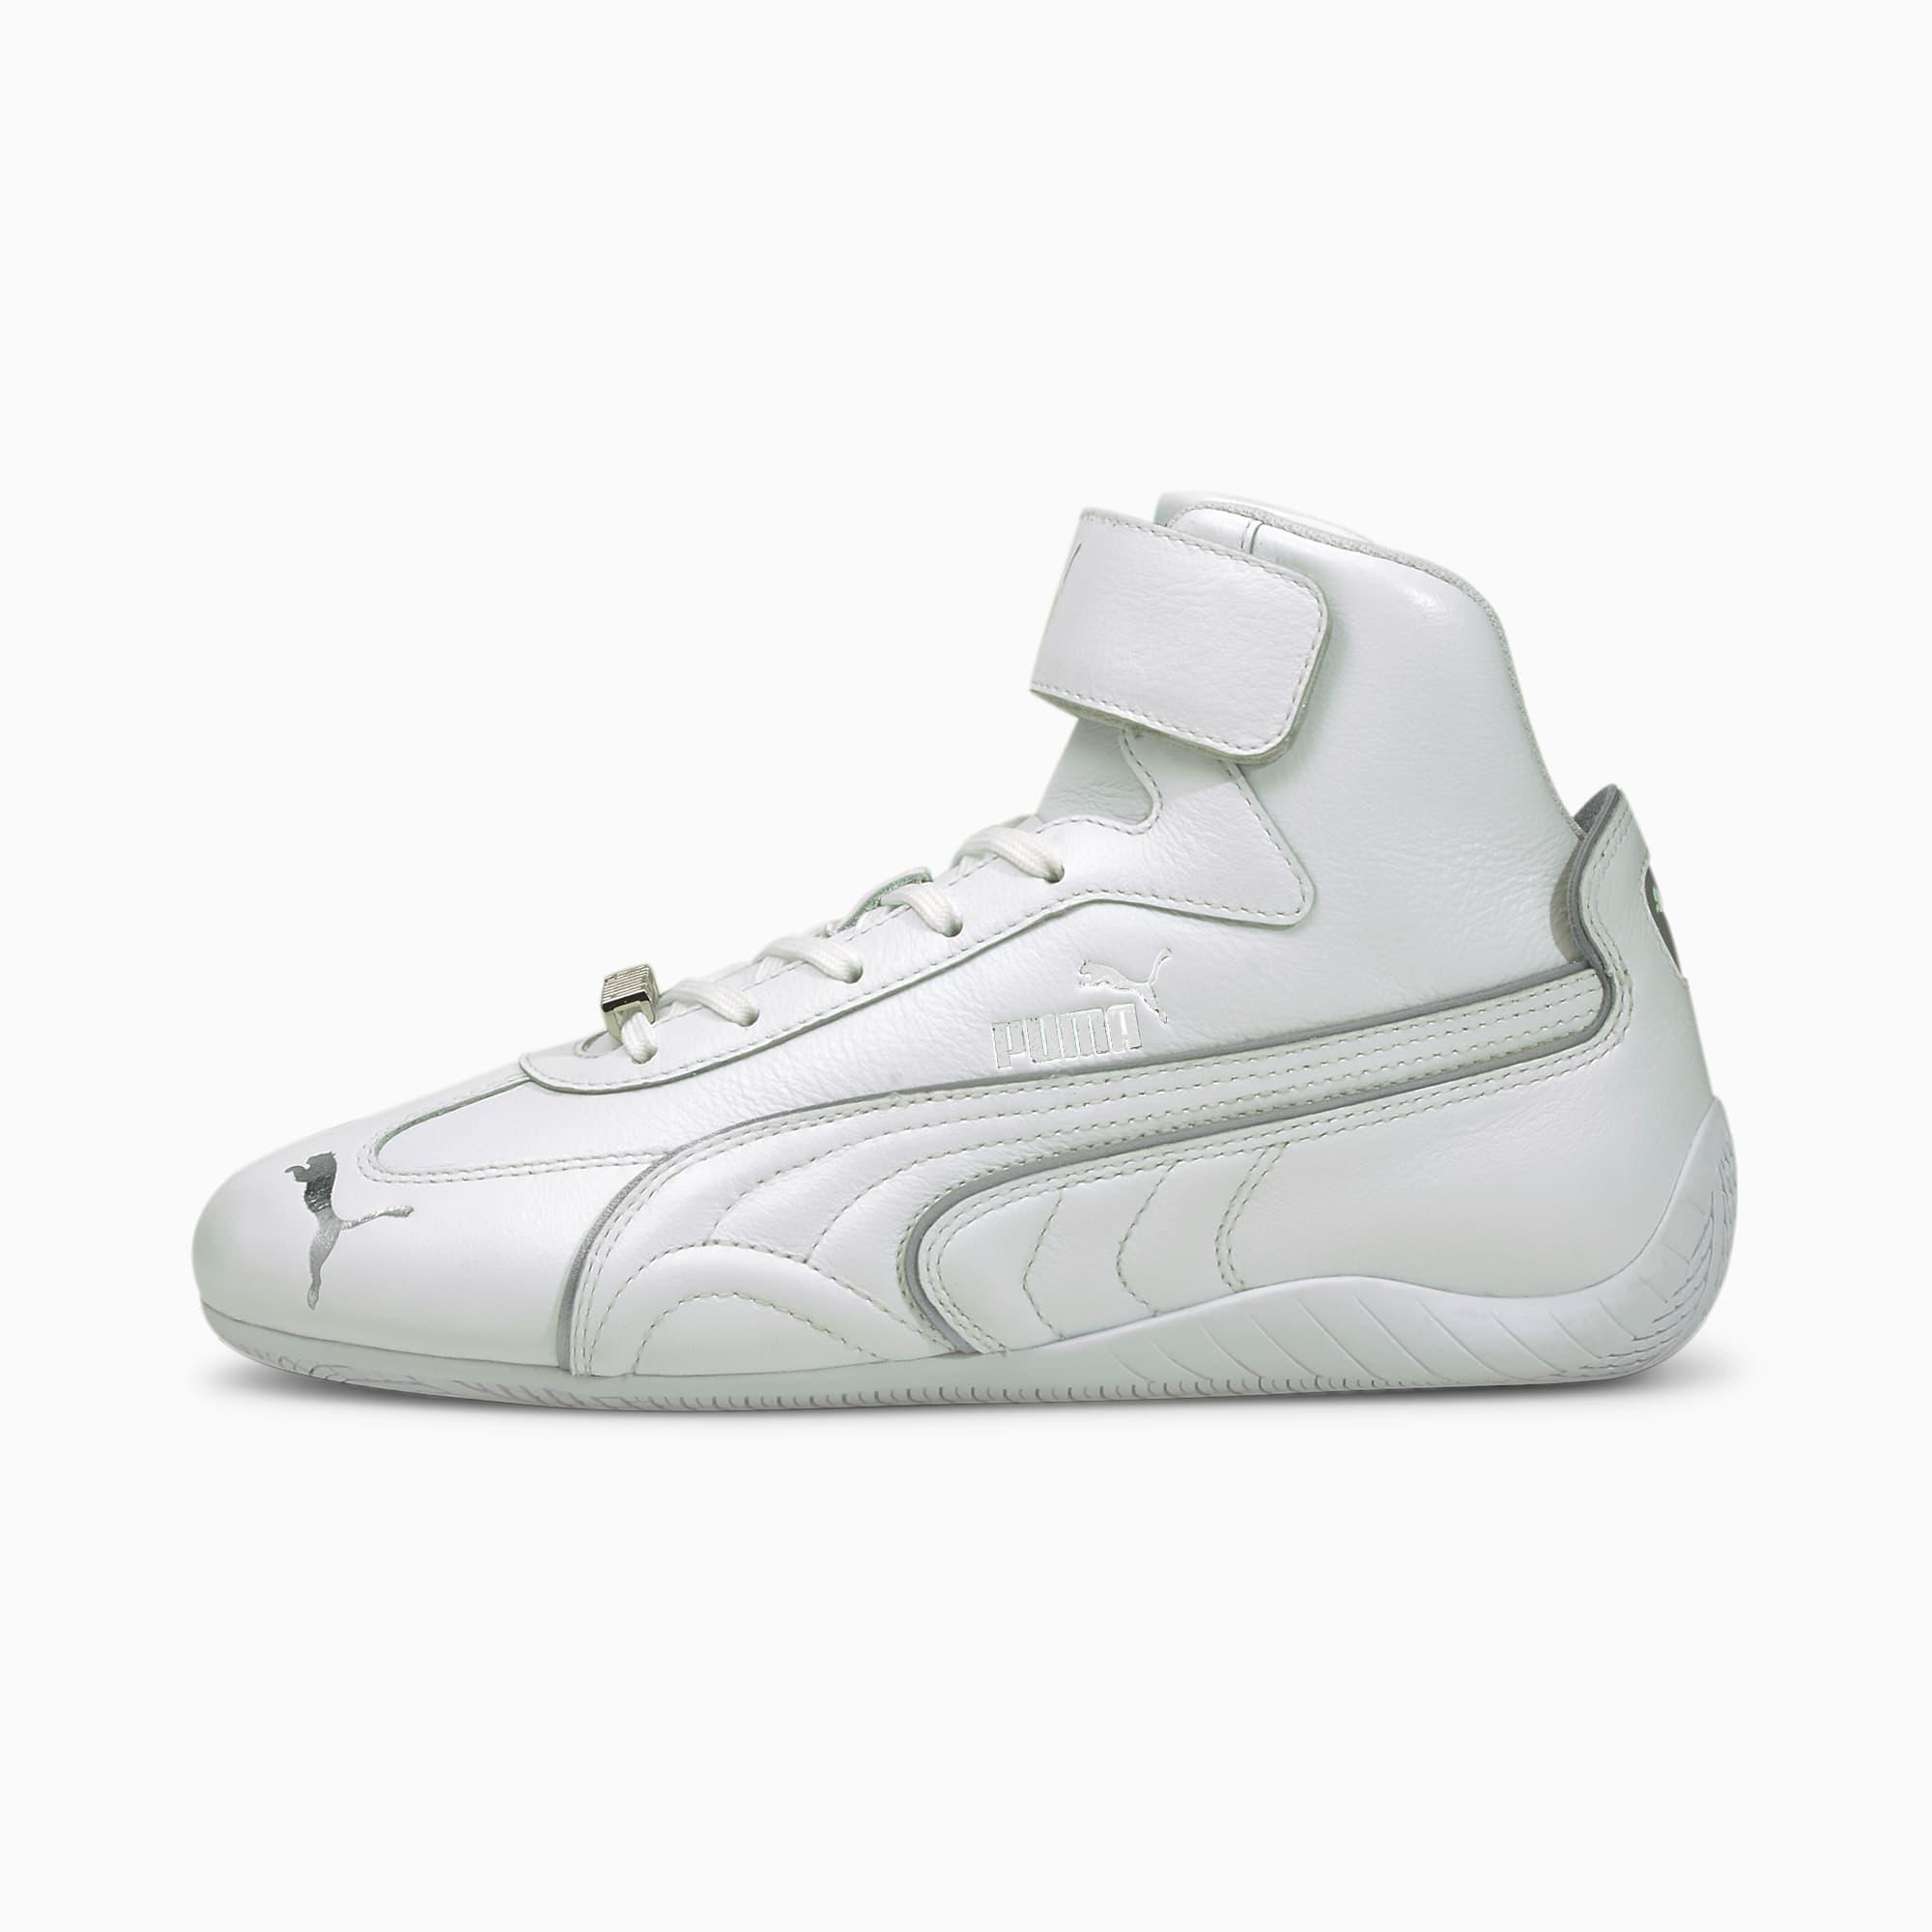 Speedcat Mid LS Metallic Women's Sneakers